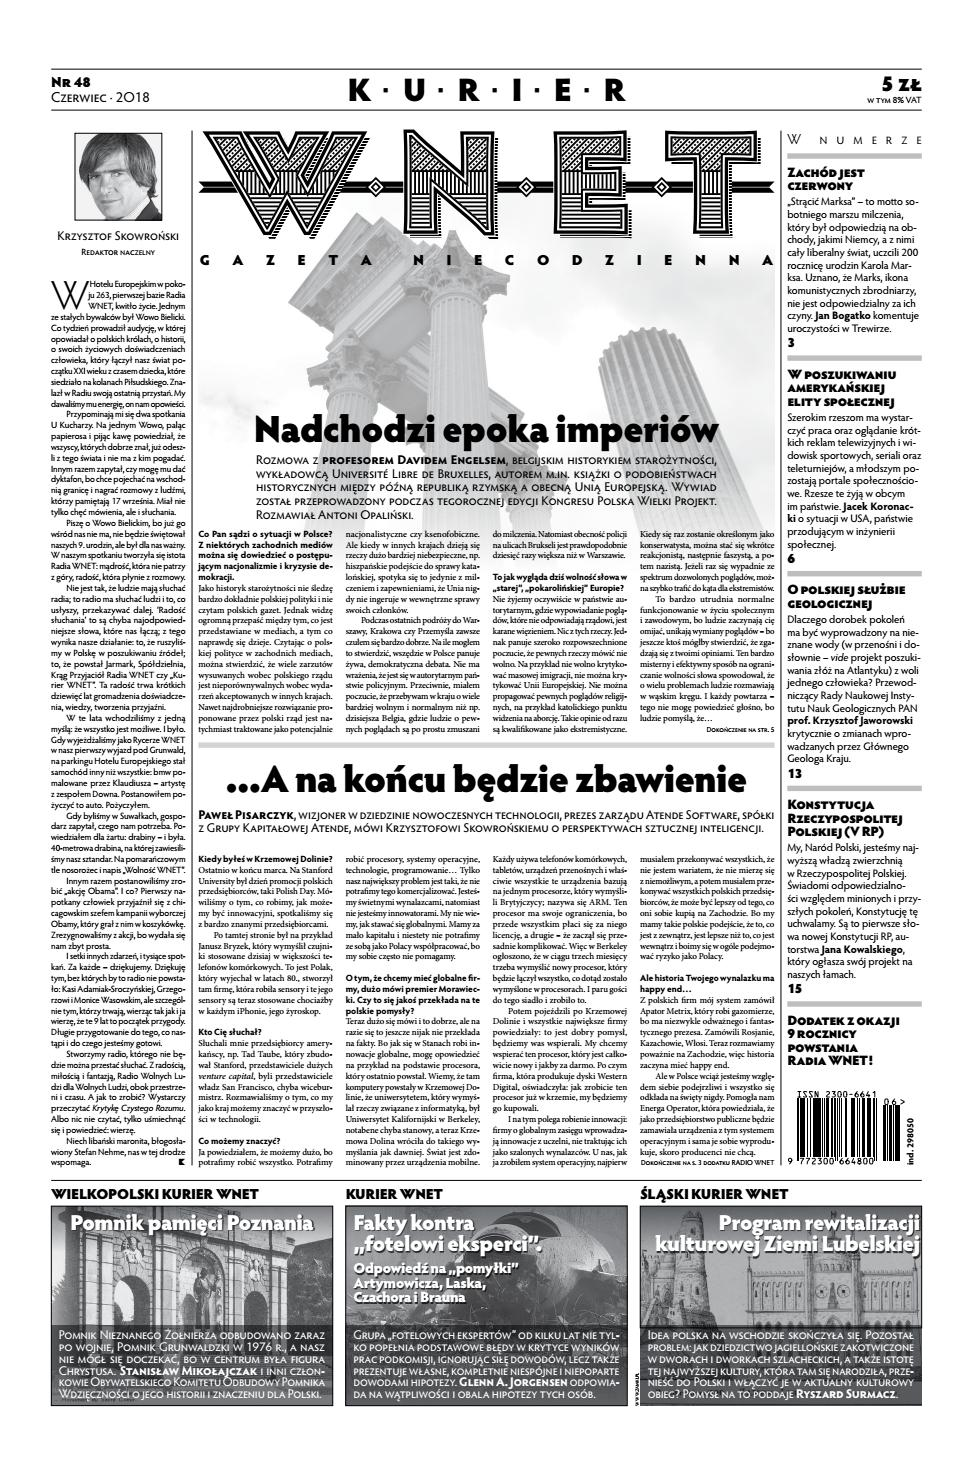 09f7c4a65807fc Kurier WNET Gazeta Niecodzienna | Nr 48 | Czerwiec 2018 by KurierWNET -  issuu